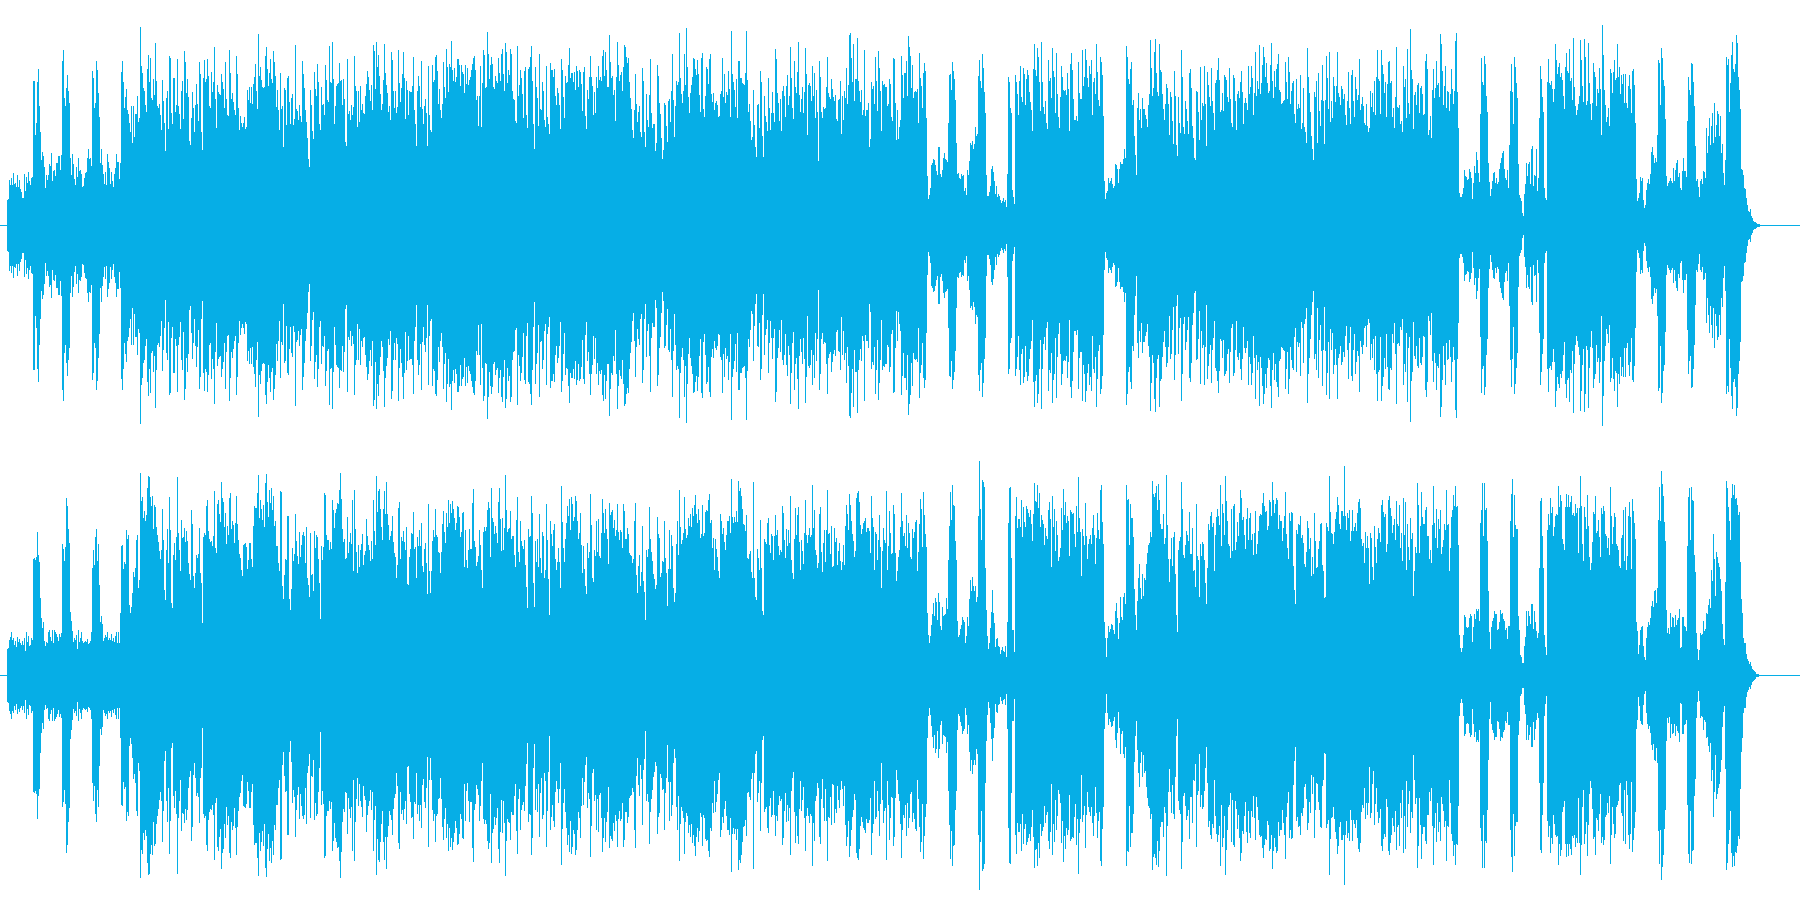 スローなロック調のギターとオーケストラの再生済みの波形